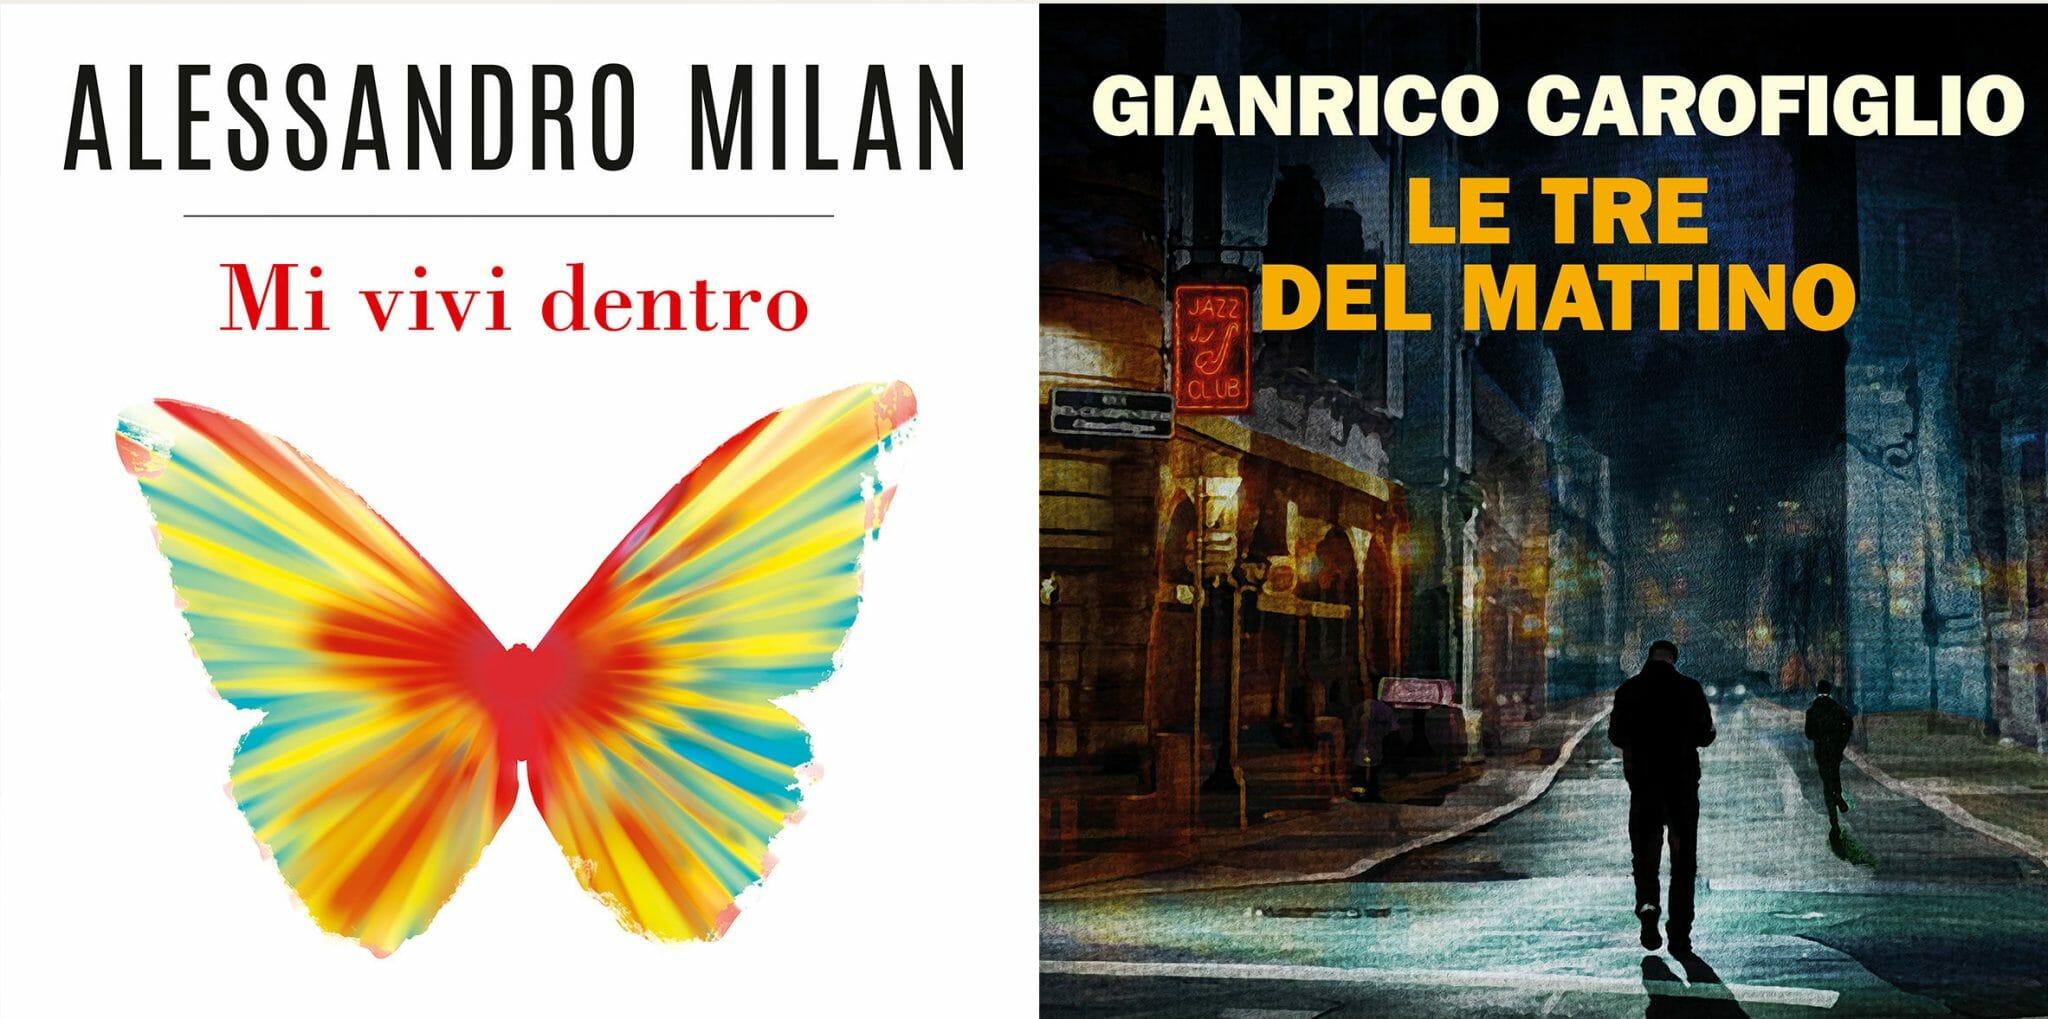 L'audiolibraio: Gianrico Carofiglio e Alessandro Milan protagonisti del podcast